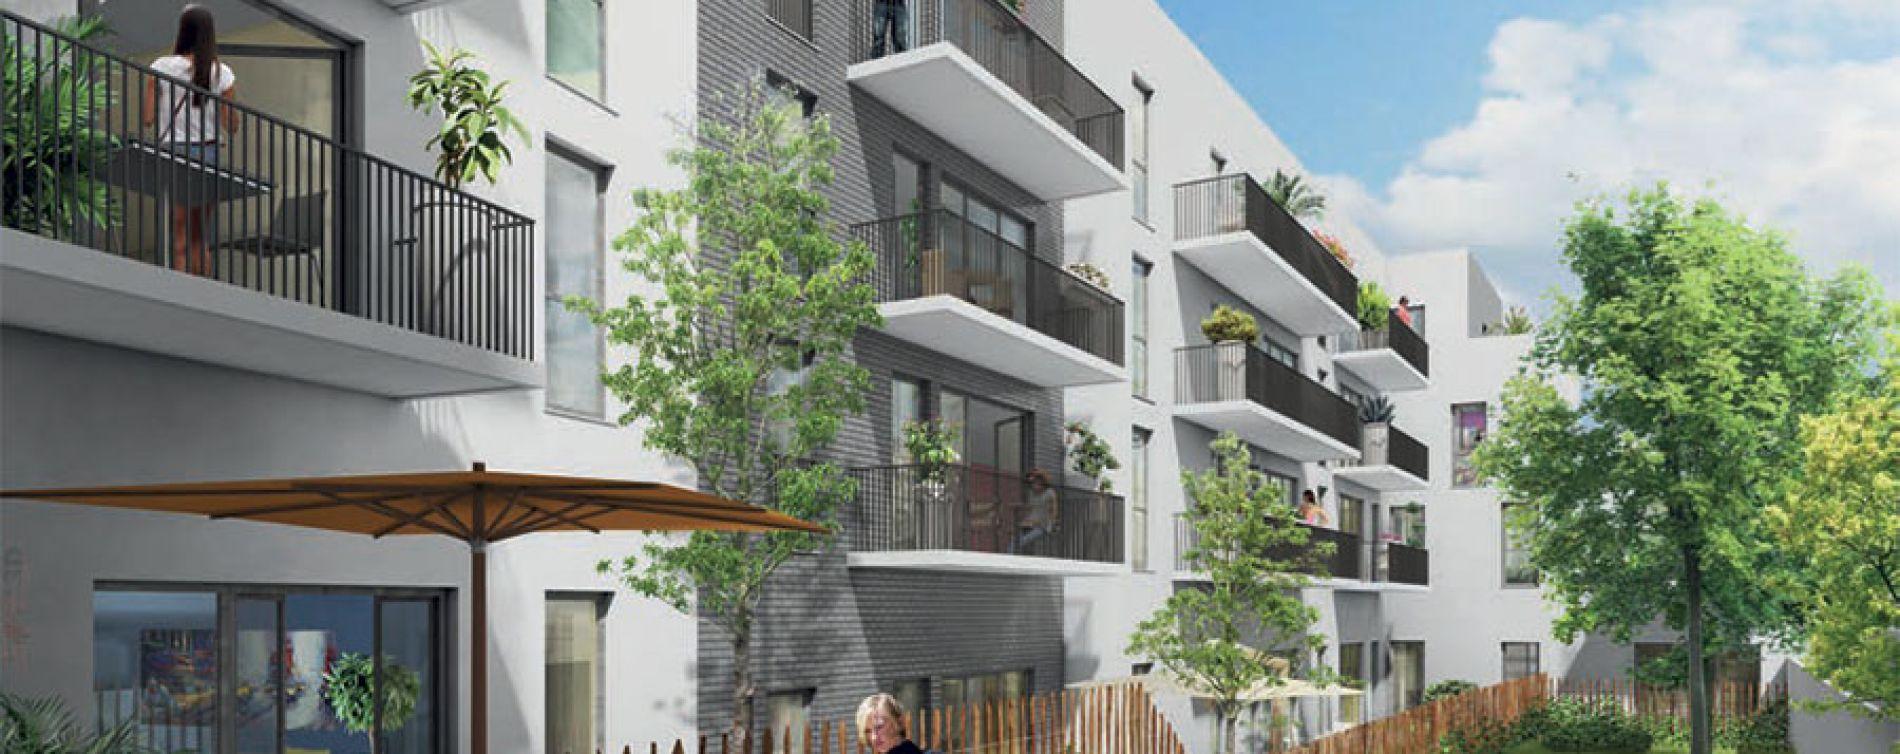 La Courneuve : programme immobilier neuve « Programme immobilier n°214239 » (3)